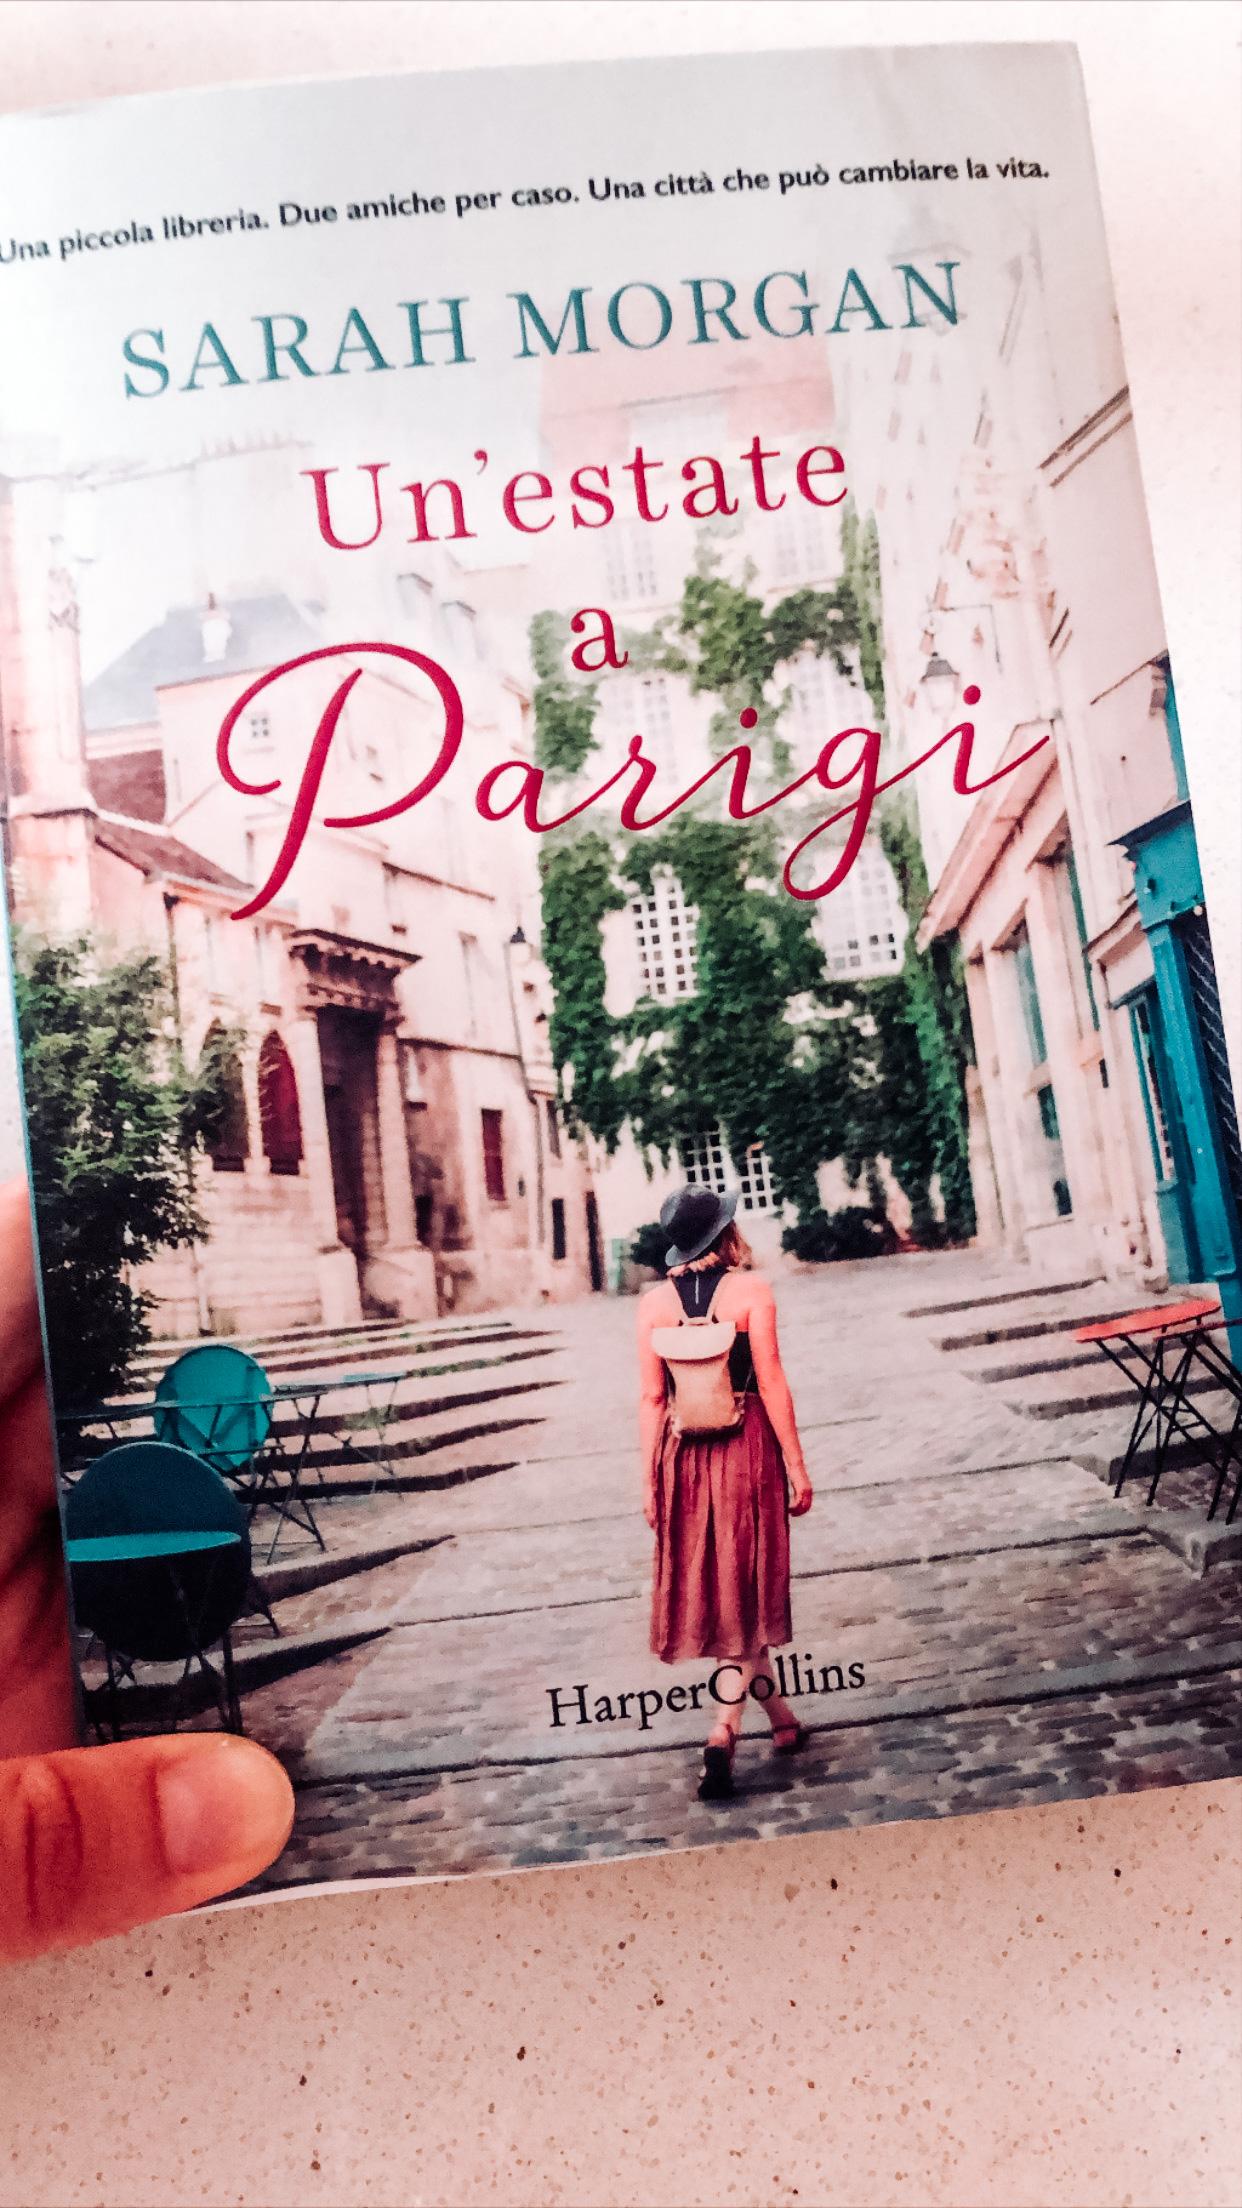 autunno, parigi, paris, autumn in Paris, fall in Paris, Impastastorie, Impastastorie Bistrot, libri su parigi, stile parigino, outfit Paris